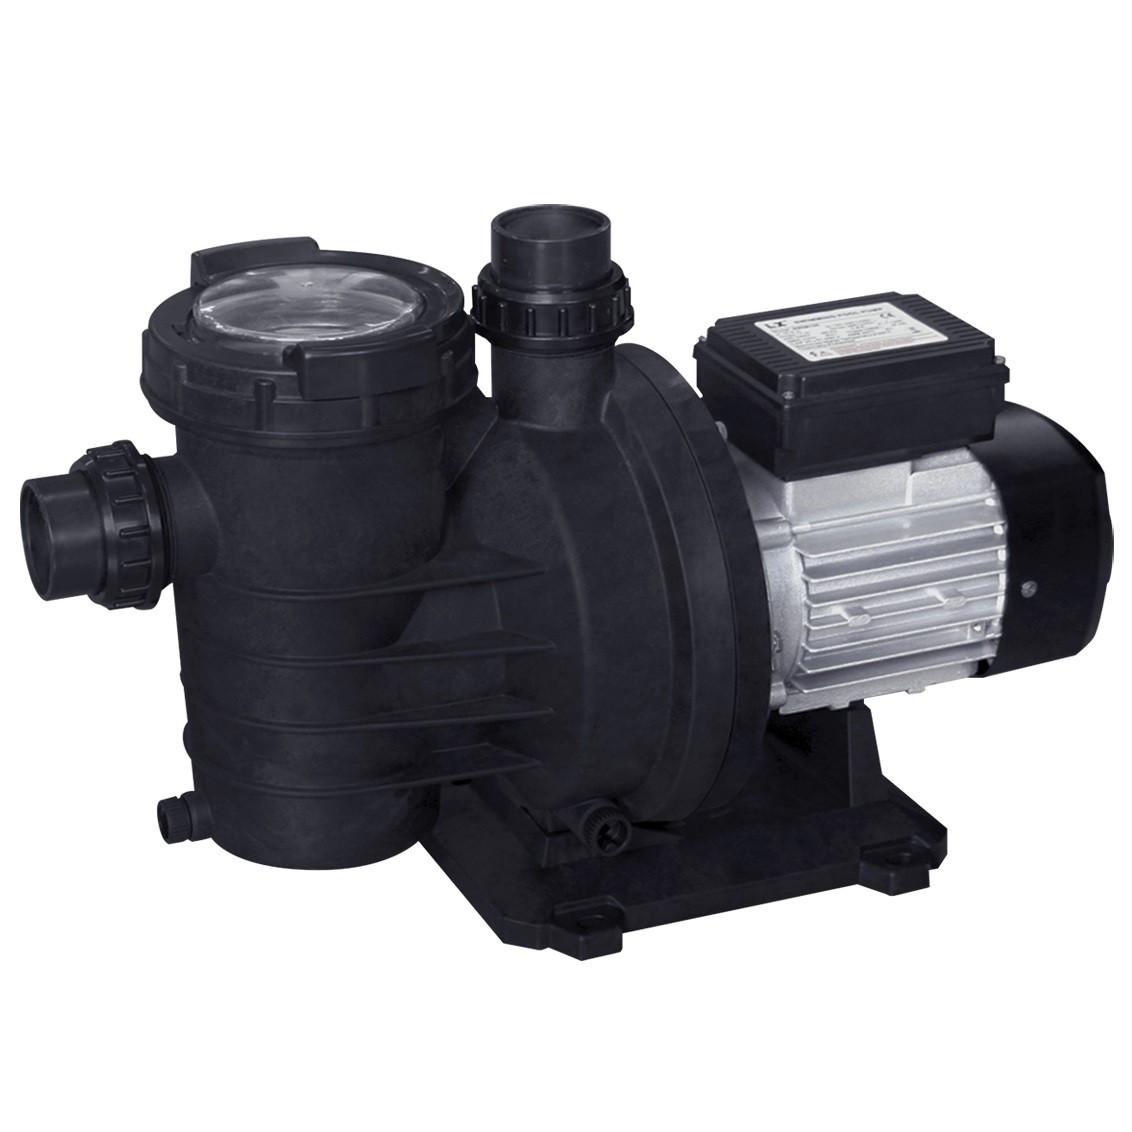 Насос AquaViva LX SWIM050M 12 м3/ч (1HP, 220В), для бассейнов объёмом до 48 м3